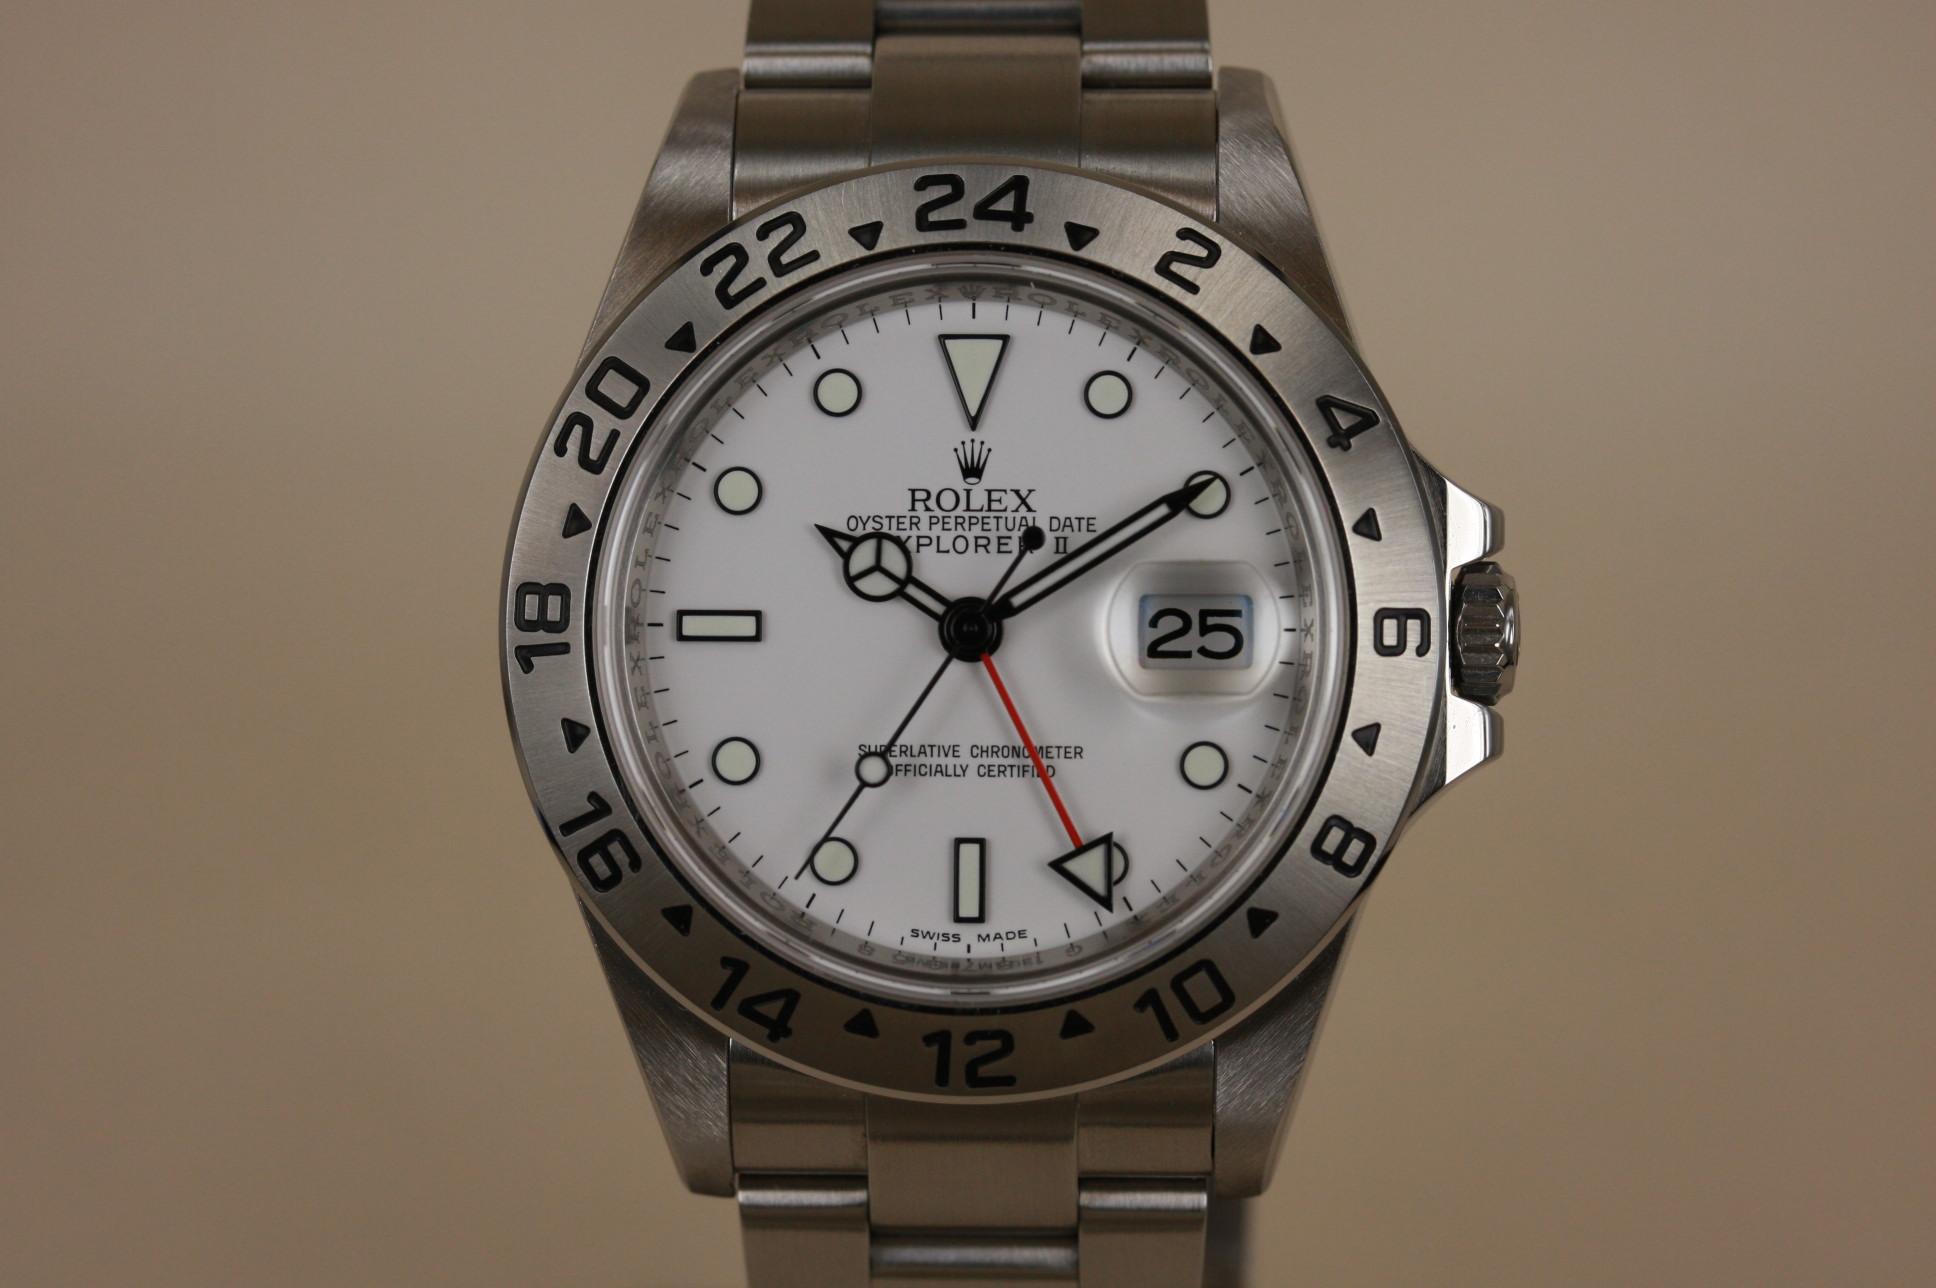 エクスプローラー2 16570 G番 SOLD